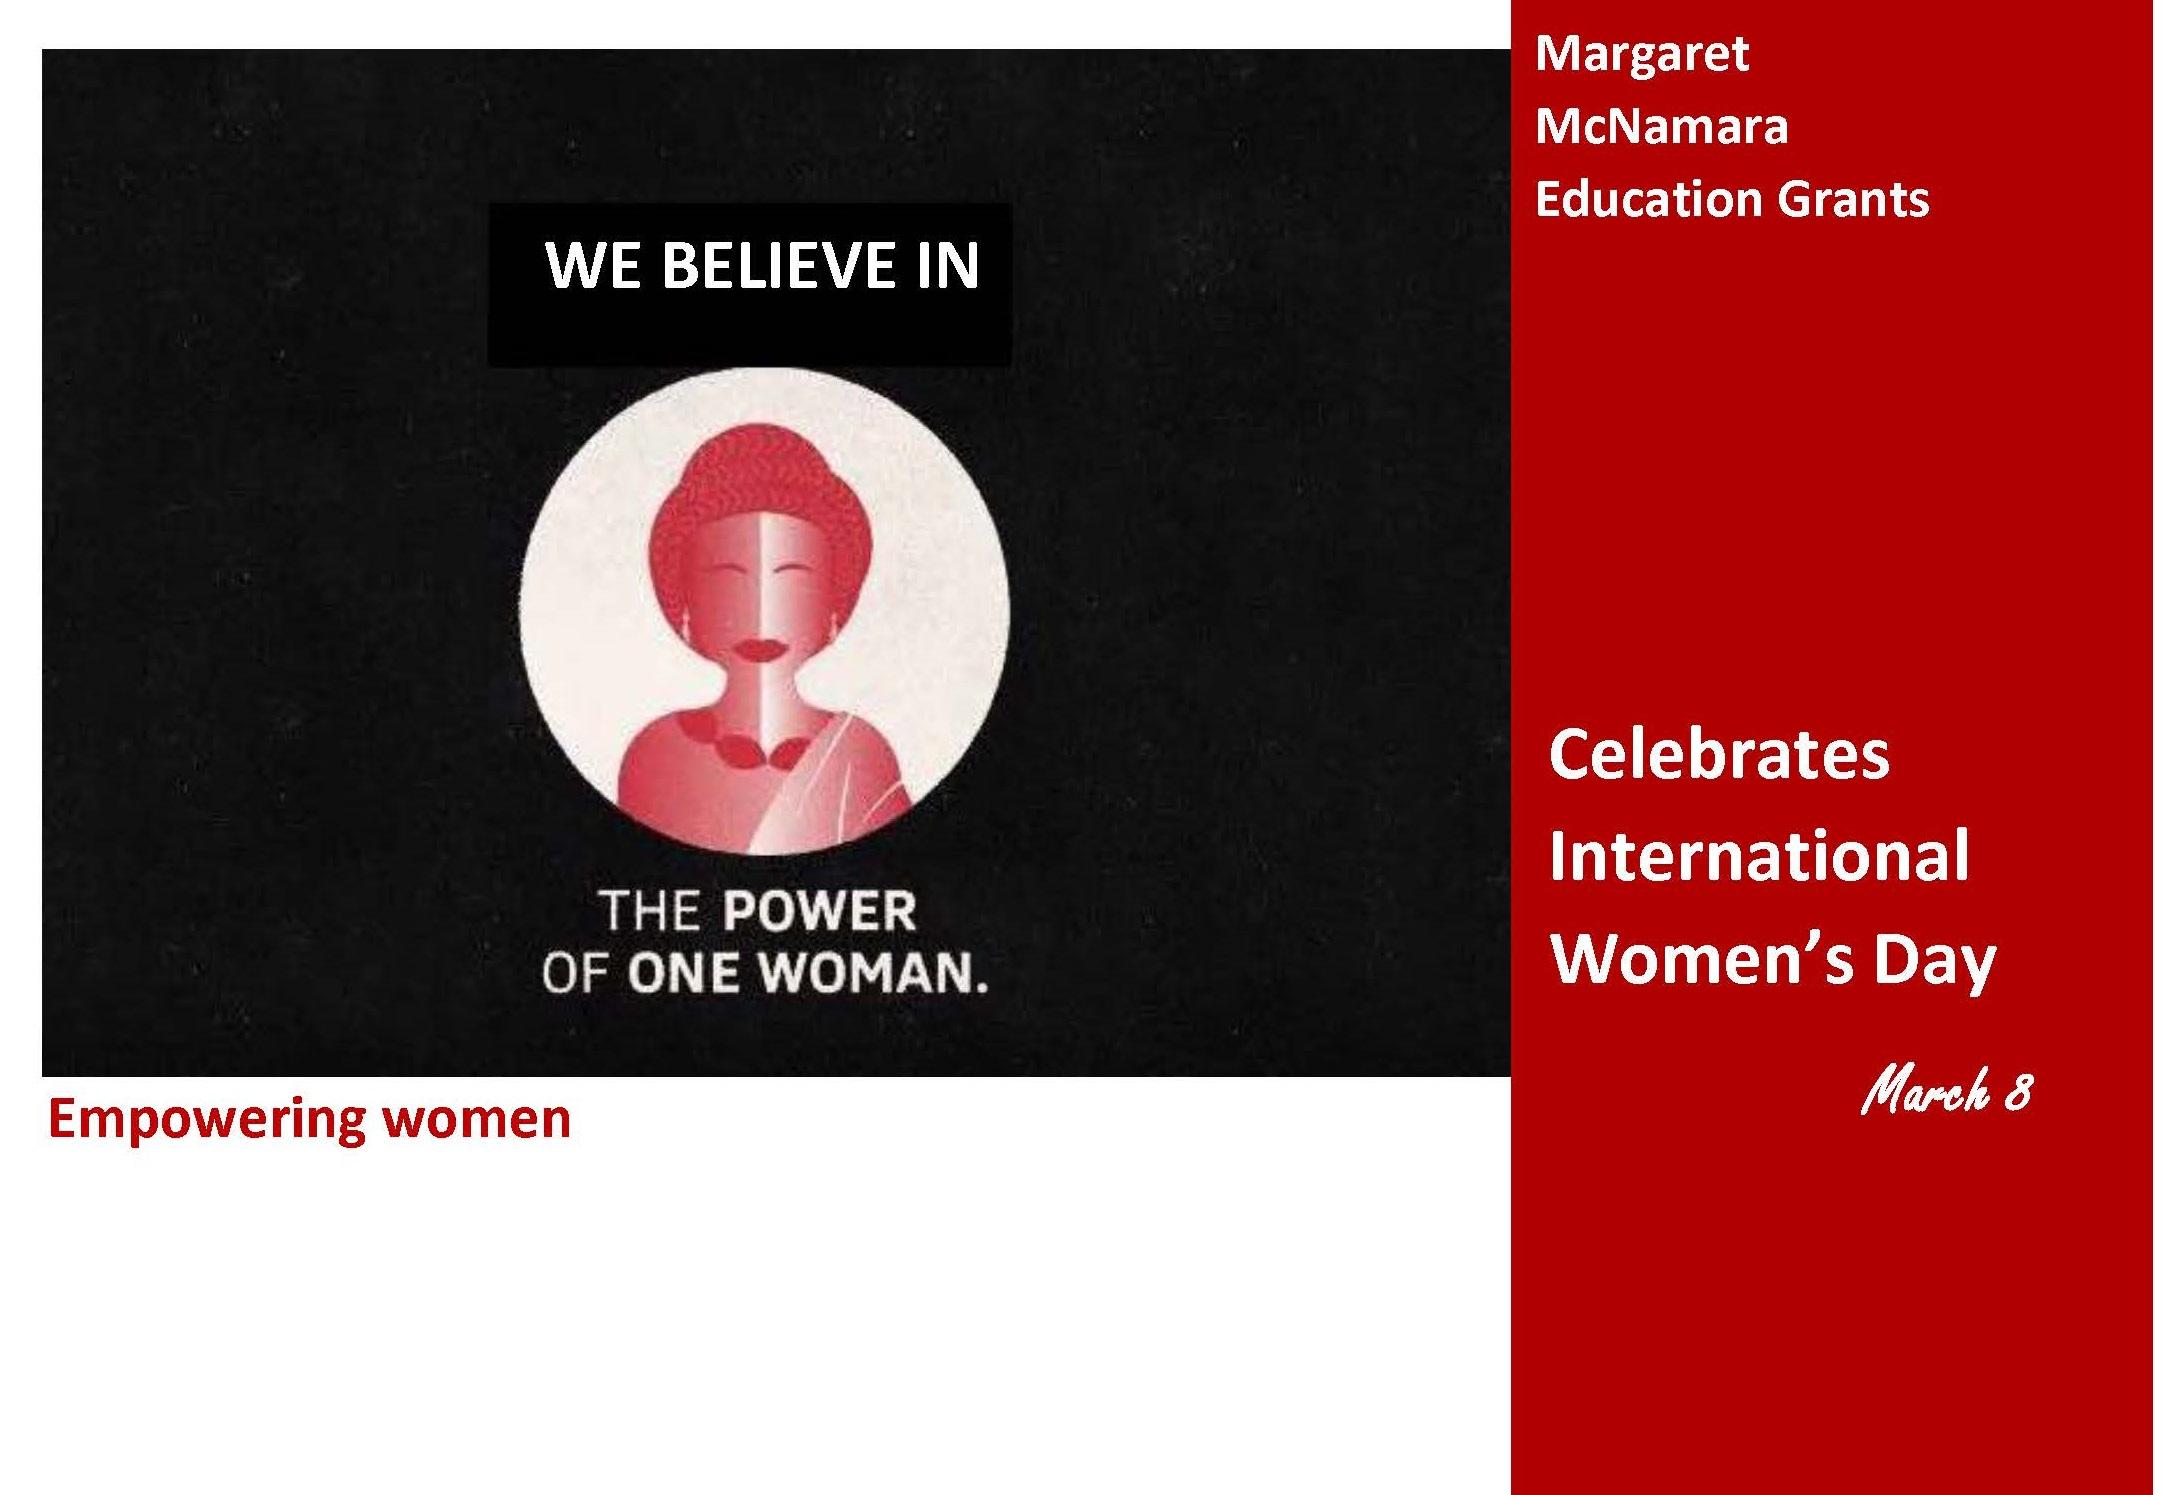 women's day poster.jpg